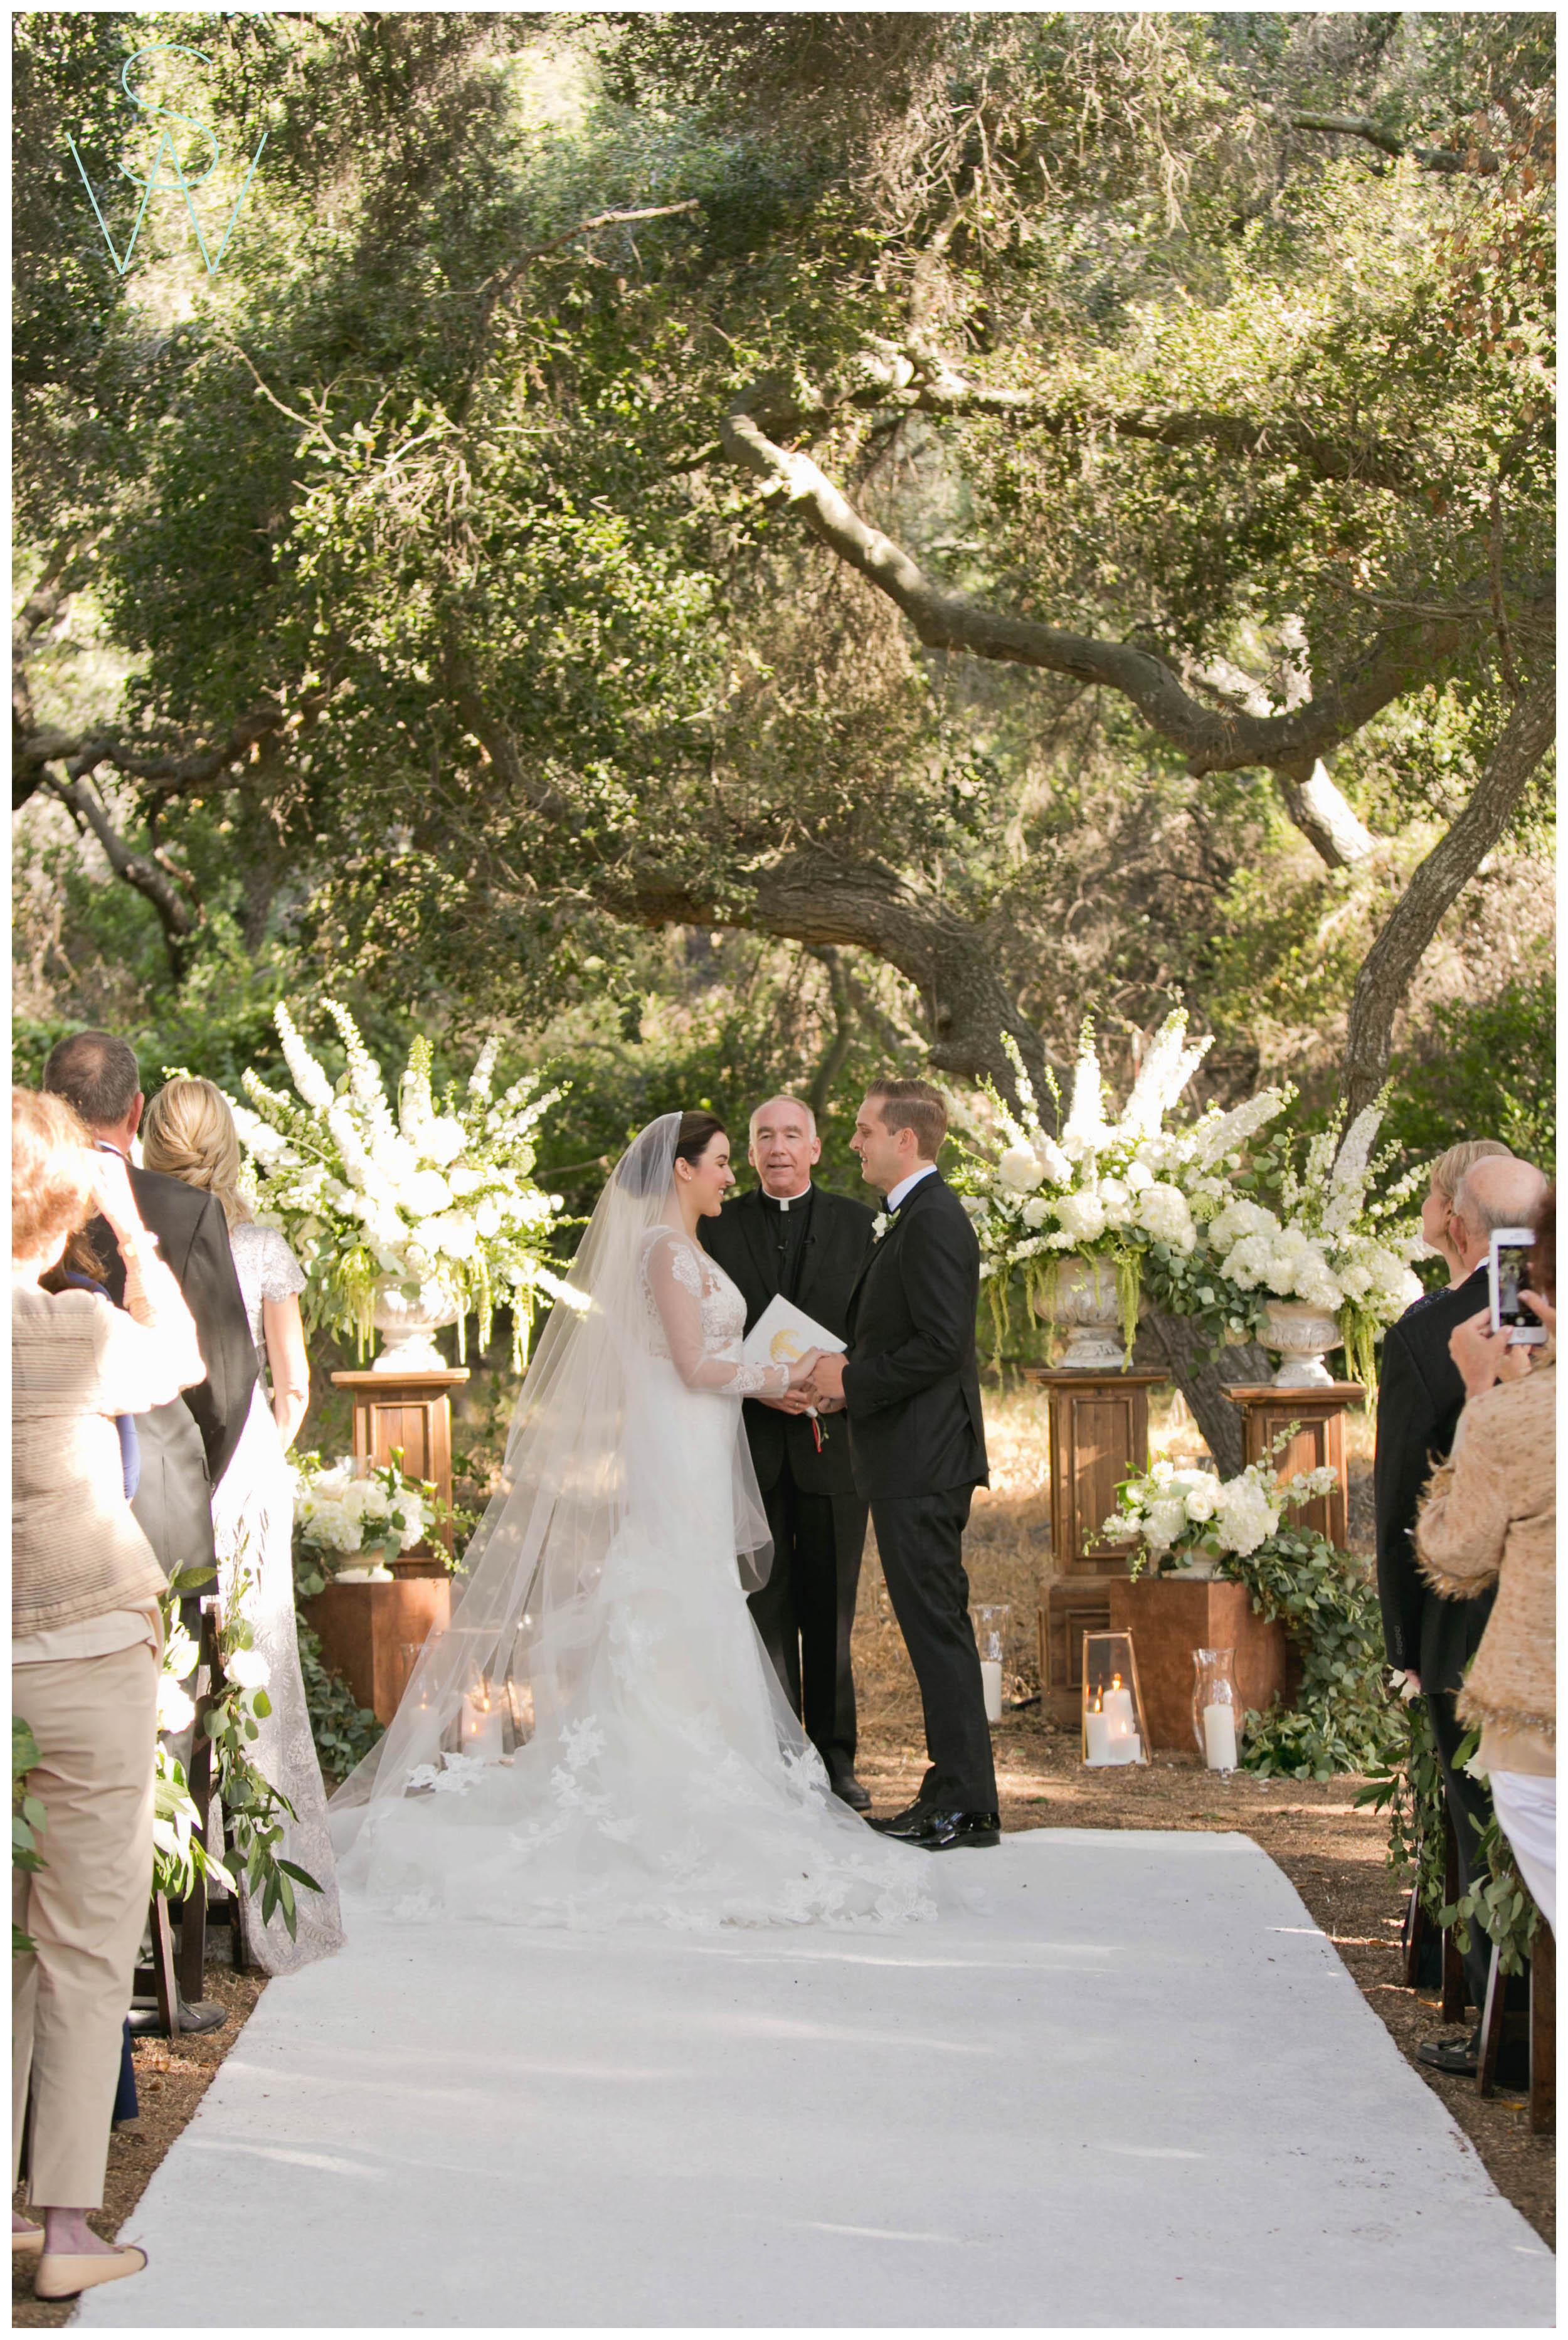 Shewanders.san_.diego_.wedding.photography.private.estate.tara_.jason-3837.jpg.diego_.wedding.photography.private.estate.tara_.jason-383.jpg